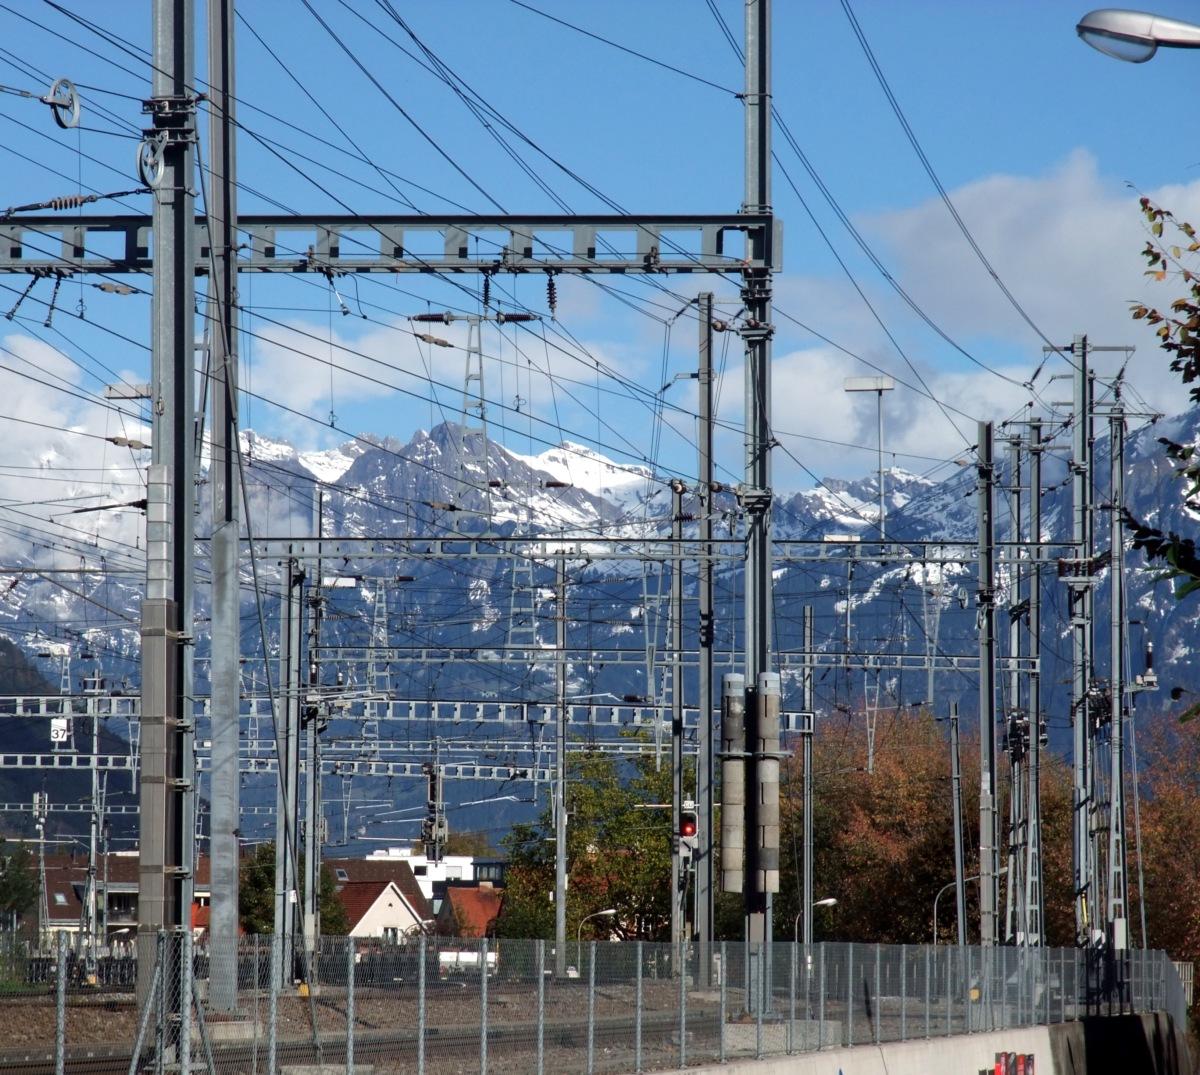 Verkabelte und verständerte Landschaft in Chur.